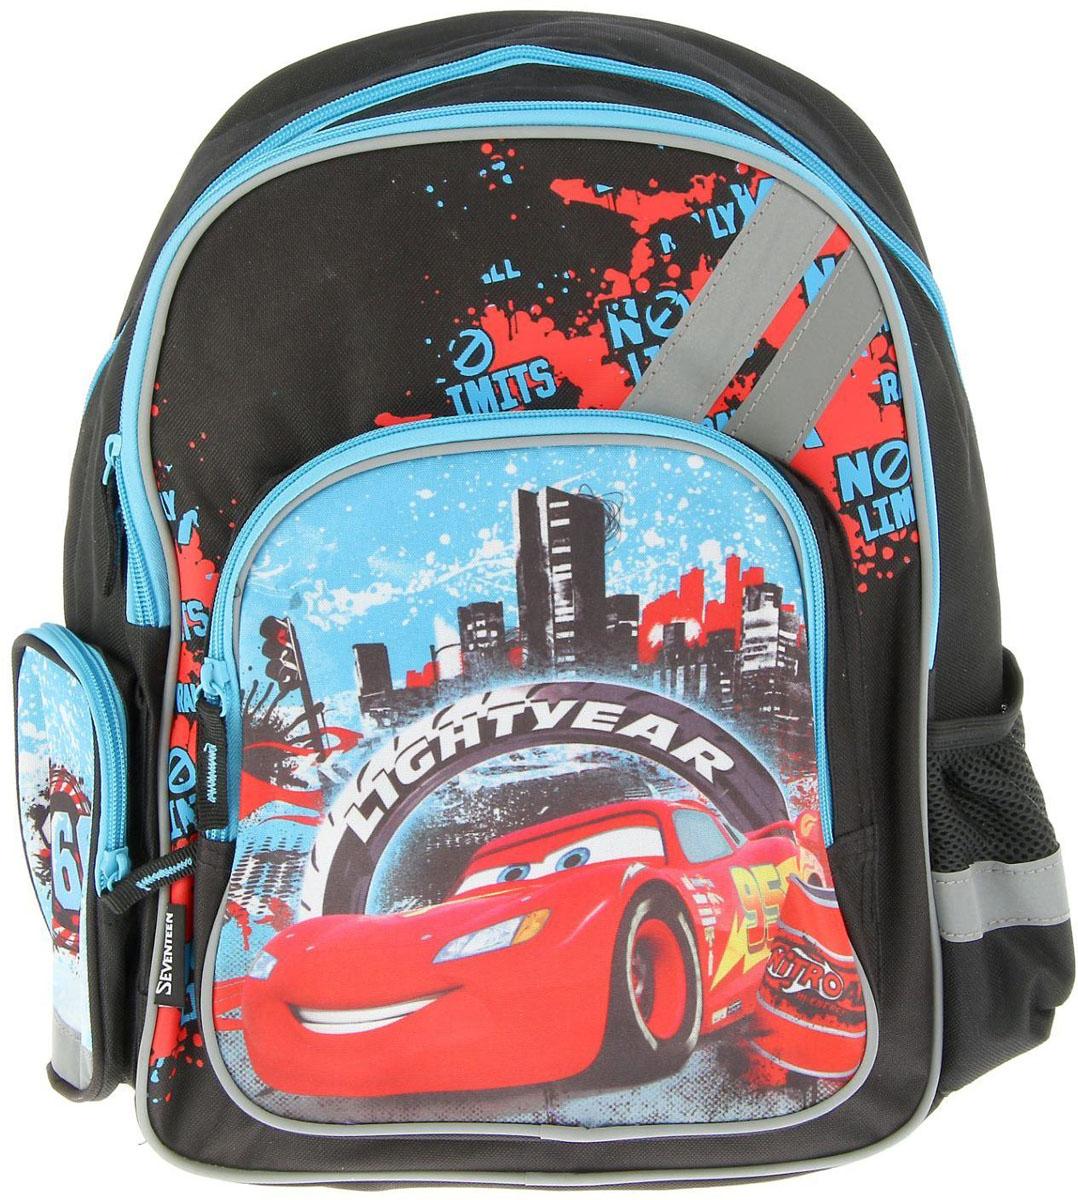 Disney Рюкзак Cars цвет черный1970973Рюкзак Disney Cars станет незаменимым спутником вашего ребенка в походах за знаниями.Рюкзак выполнен из прочного материала и оформлен изображением Молнии МакКуина. Содержит два вместительных отделения на застежках-молниях. Лицевая сторона рюкзака оснащена накладным карманом на застежке-молнии. По бокам рюкзака расположены два кармана (один карман на молнии, другой - на резинке). Ортопедическая спинка равномерно распределяет нагрузку на плечевые суставы и спину. Конструкция спинки дополнена эргономичными подушечками, противоскользящей сеточкой и системой вентиляции для предотвращения запотевания спины ребенка. Мягкие широкие лямки позволяют легко и быстро отрегулировать рюкзак в соответствии с ростом. Рюкзак оснащен прорезиненной ручкой для удобной переноски в руке. Светоотражающие элементы обеспечивают безопасность в темное время суток.